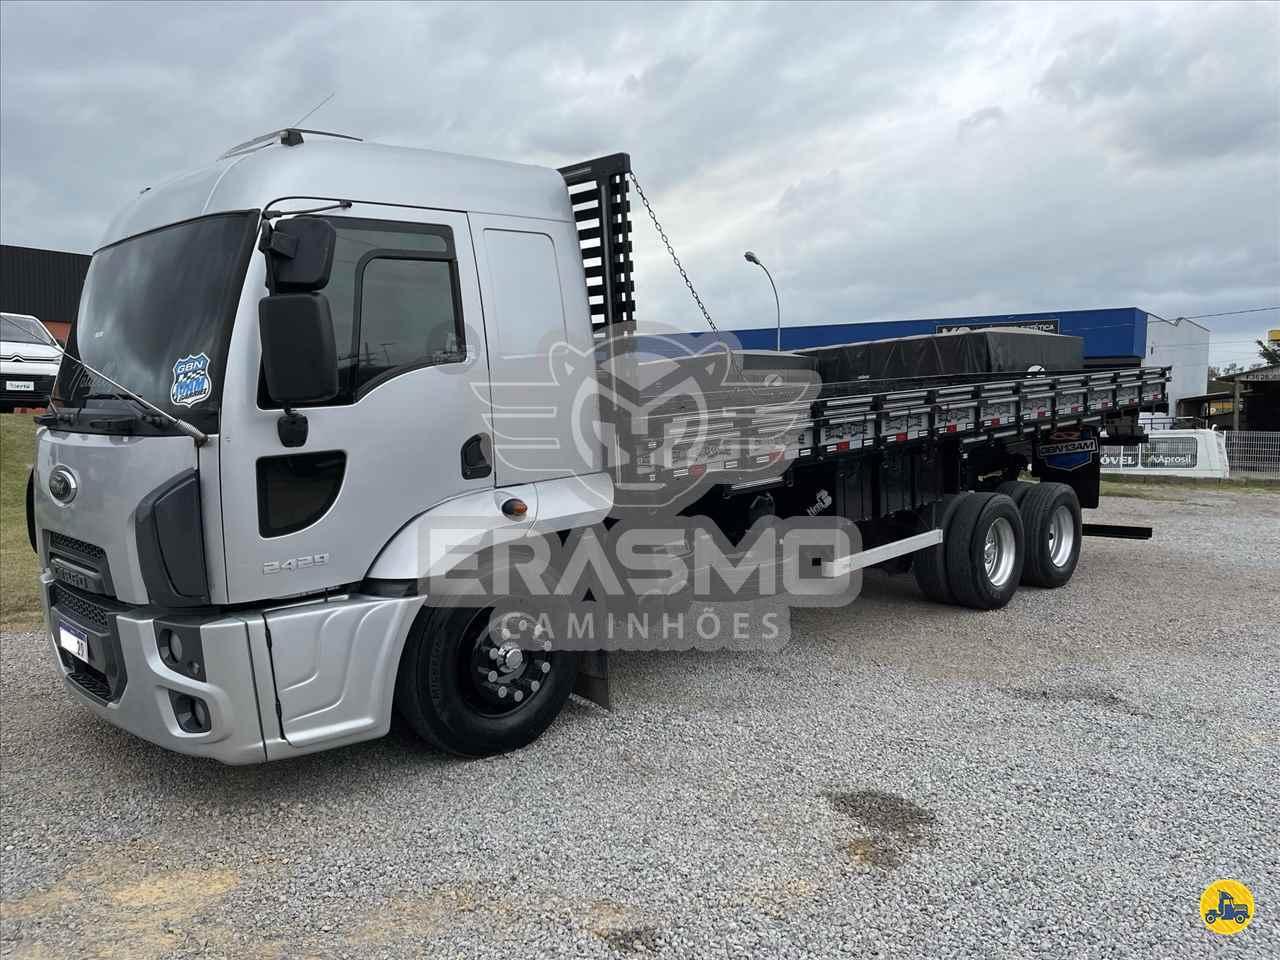 CAMINHAO FORD CARGO 2429 Carga Seca Truck 6x2 Erasmo Caminhões TUBARAO SANTA CATARINA SC